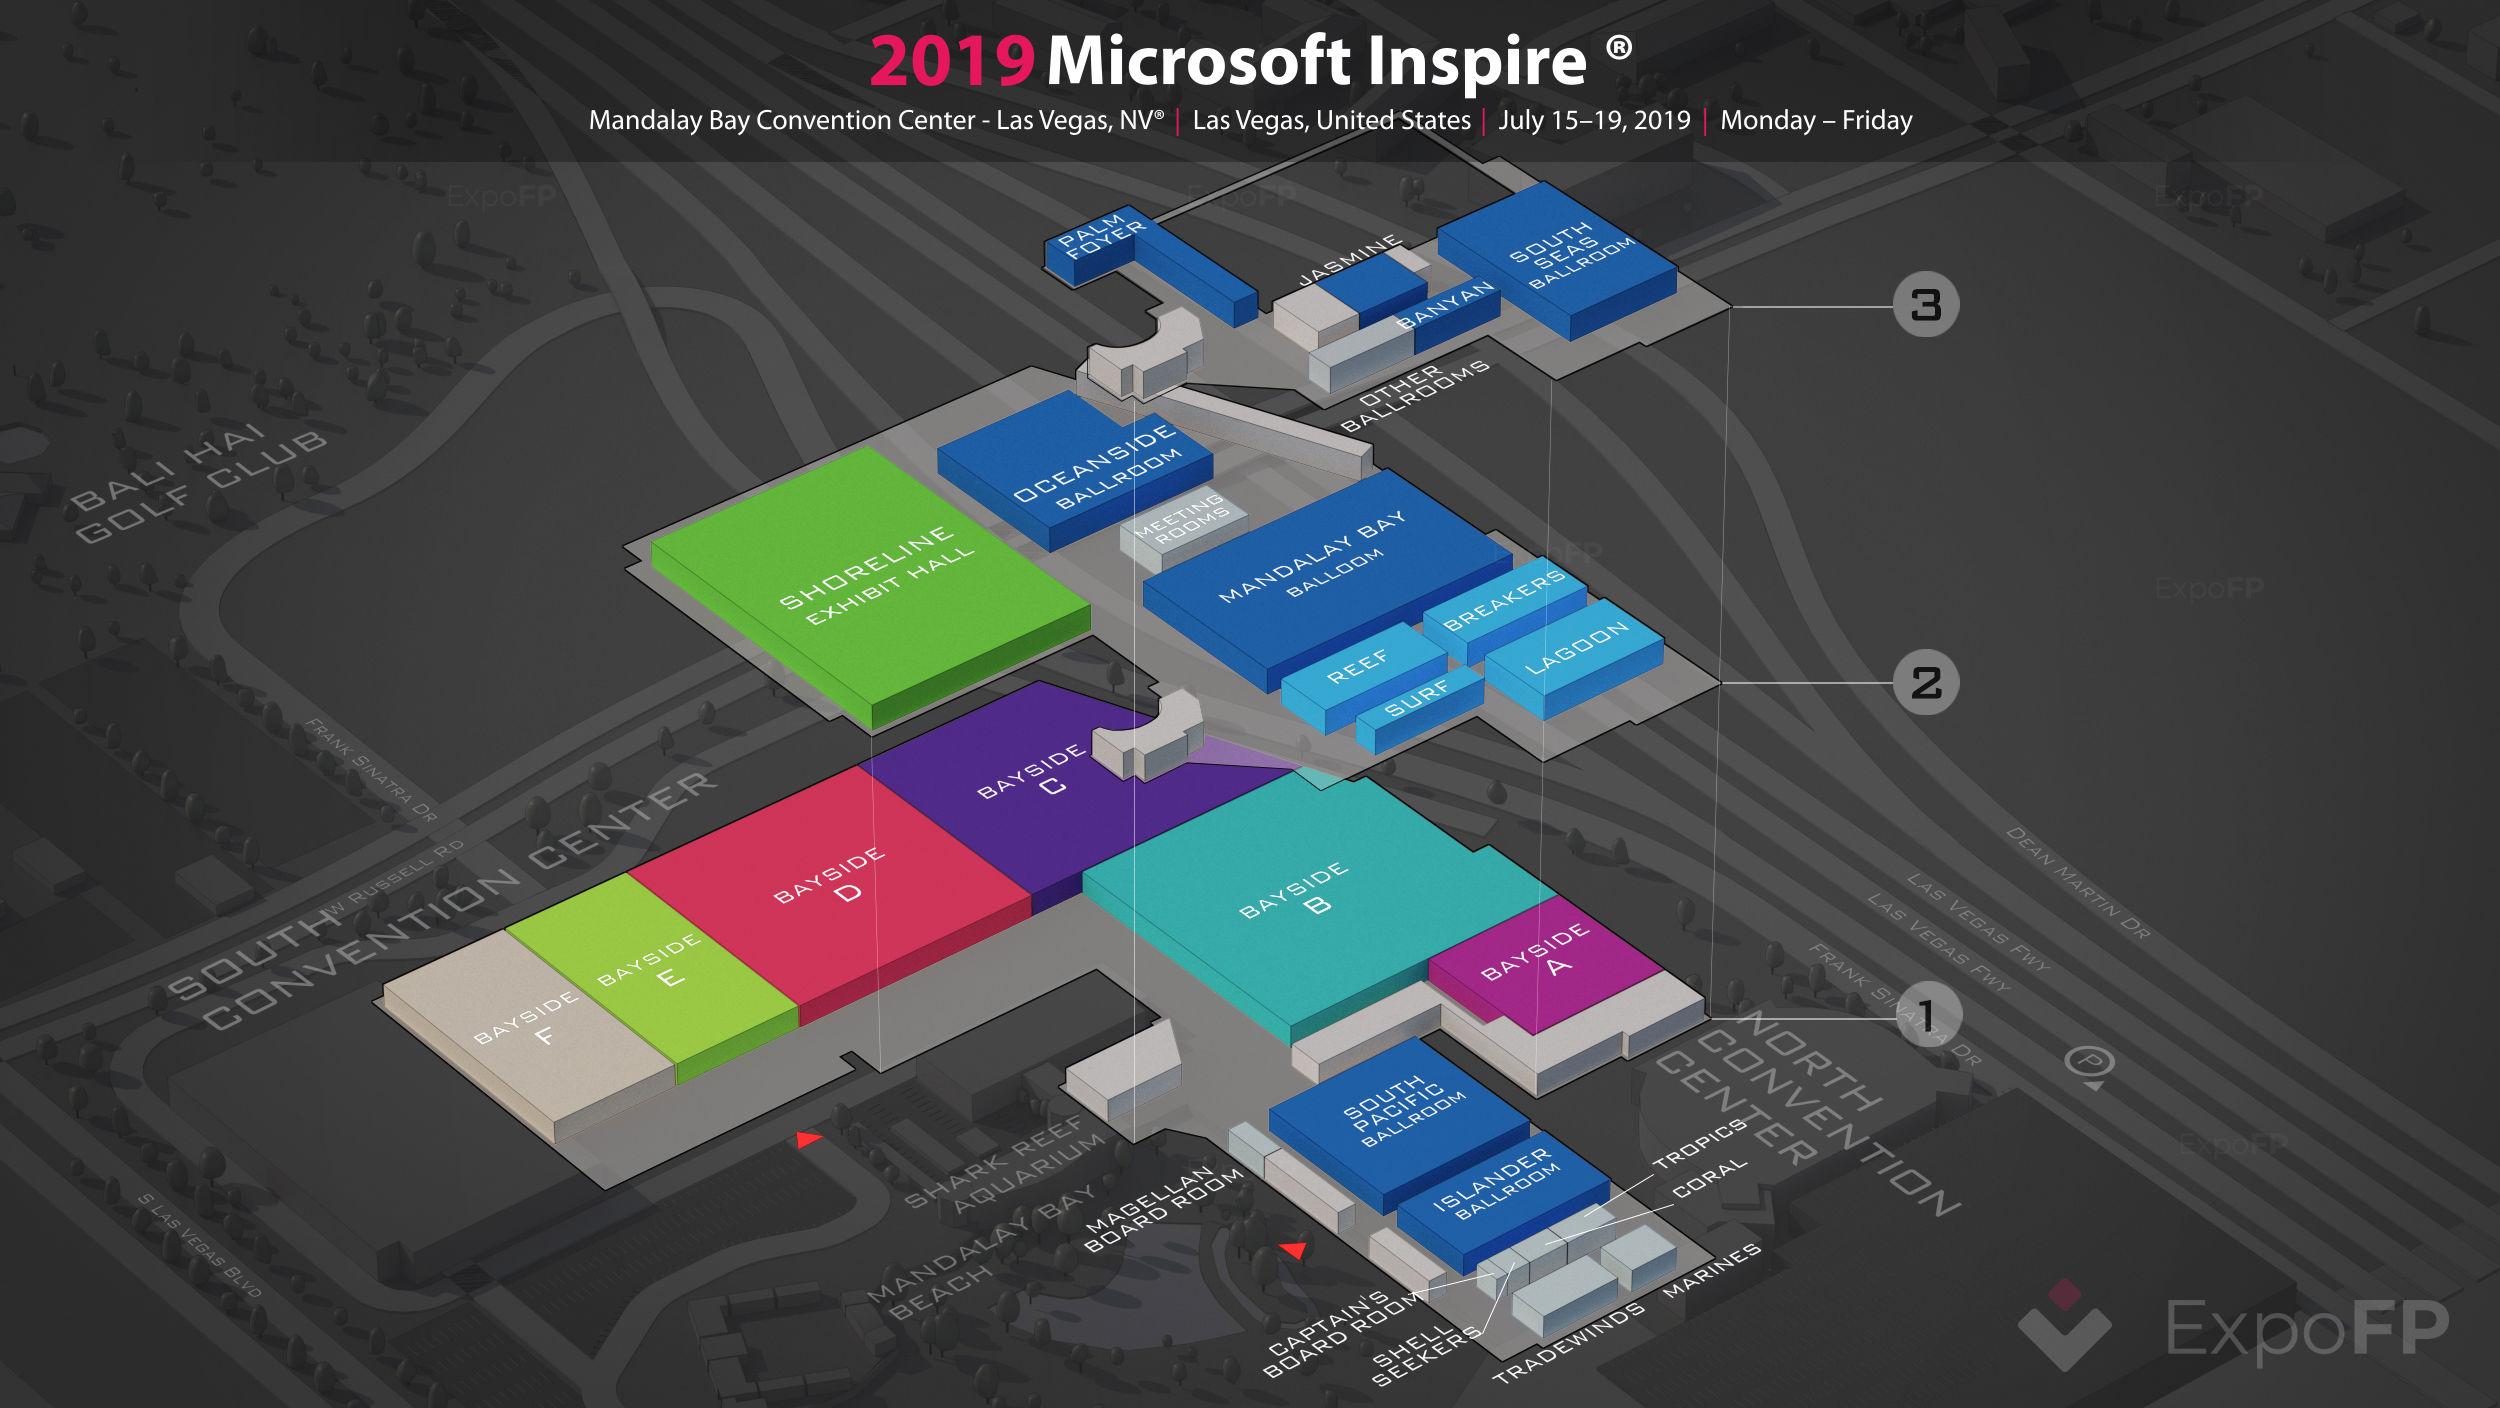 Microsoft Inspire 2019 3D floor plan